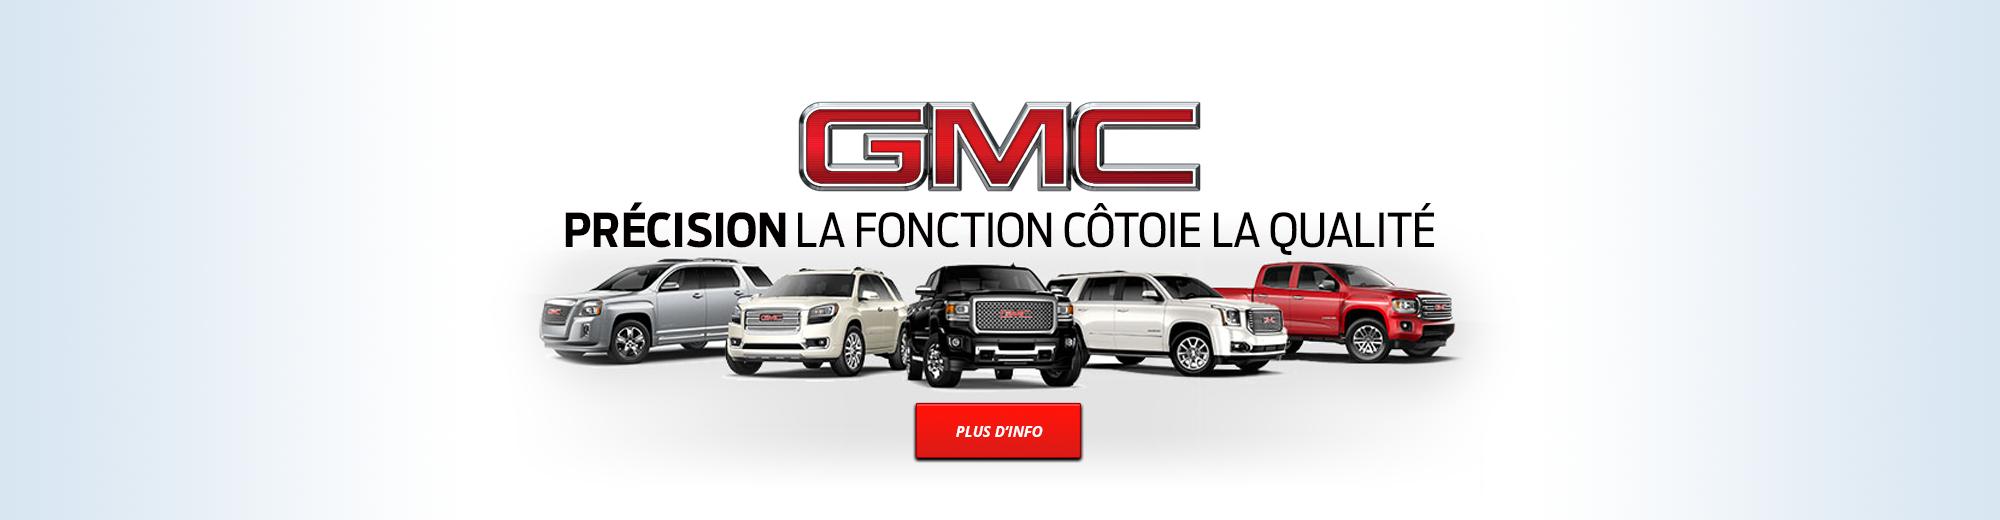 GMC | Précision la fonction côtoie la qualité